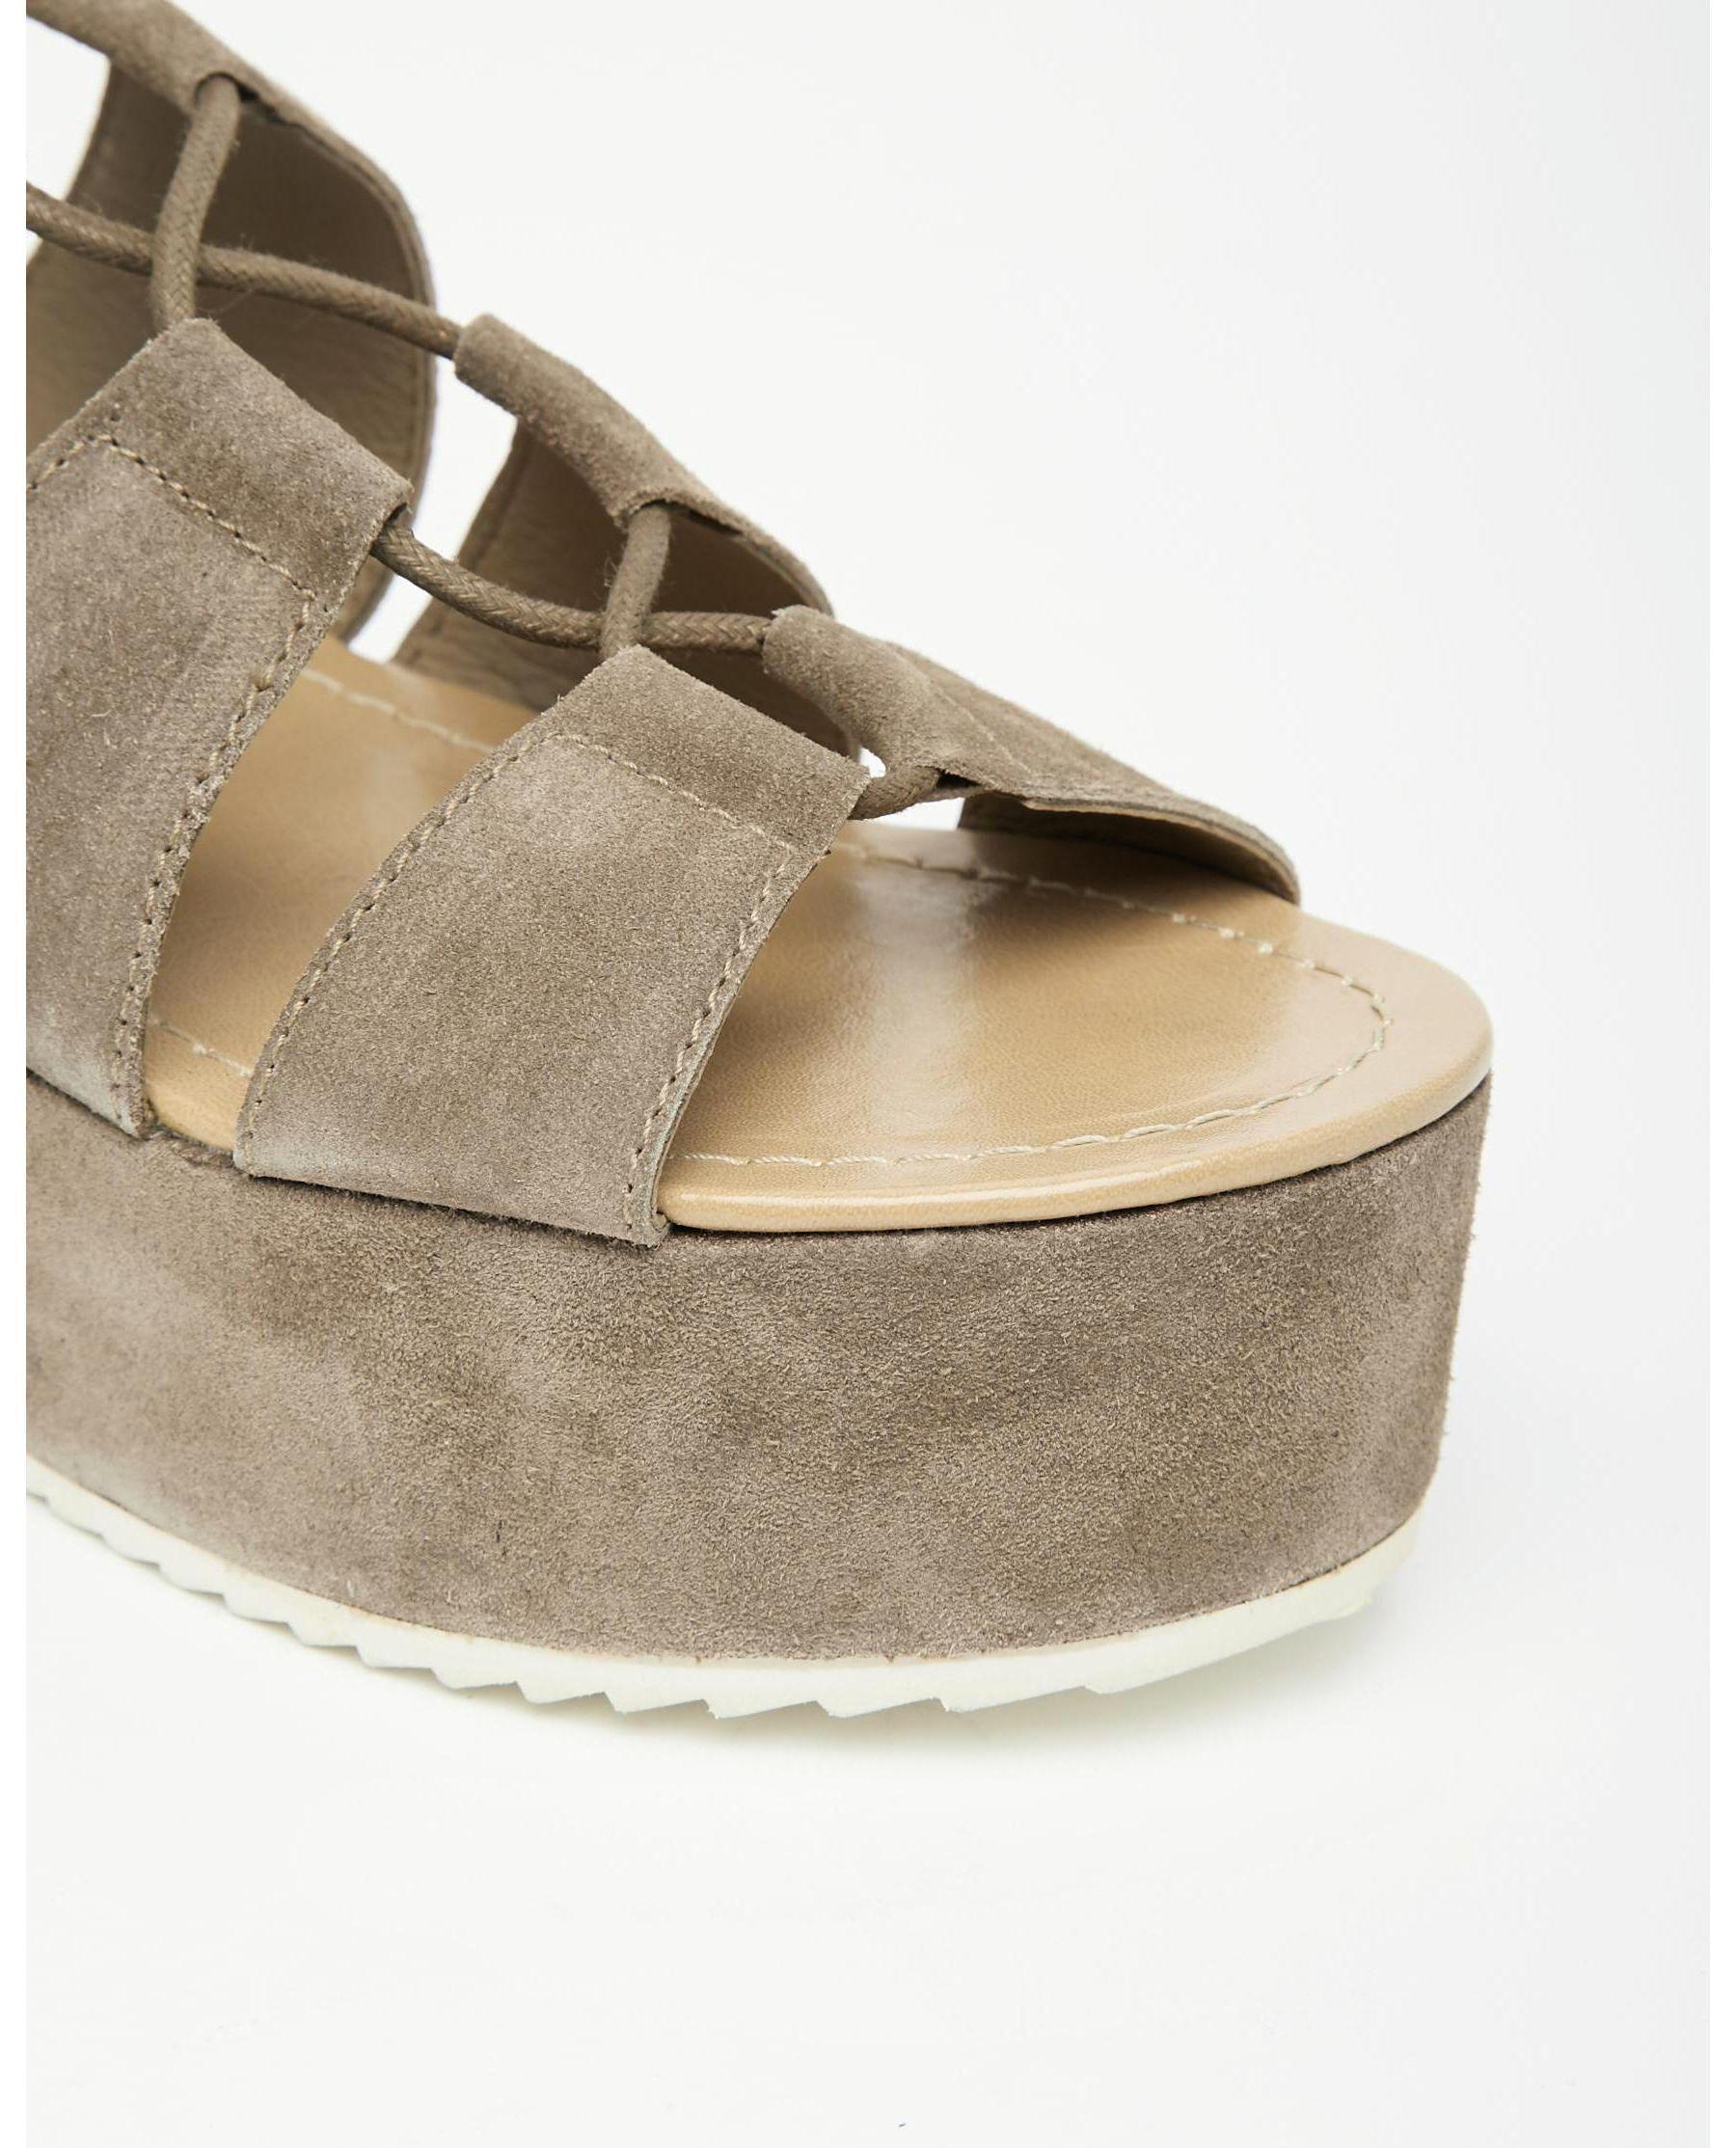 9ca7a4bd6ecc Lyst - Park Lane Ghillie Lace Suede Flatform Sandals